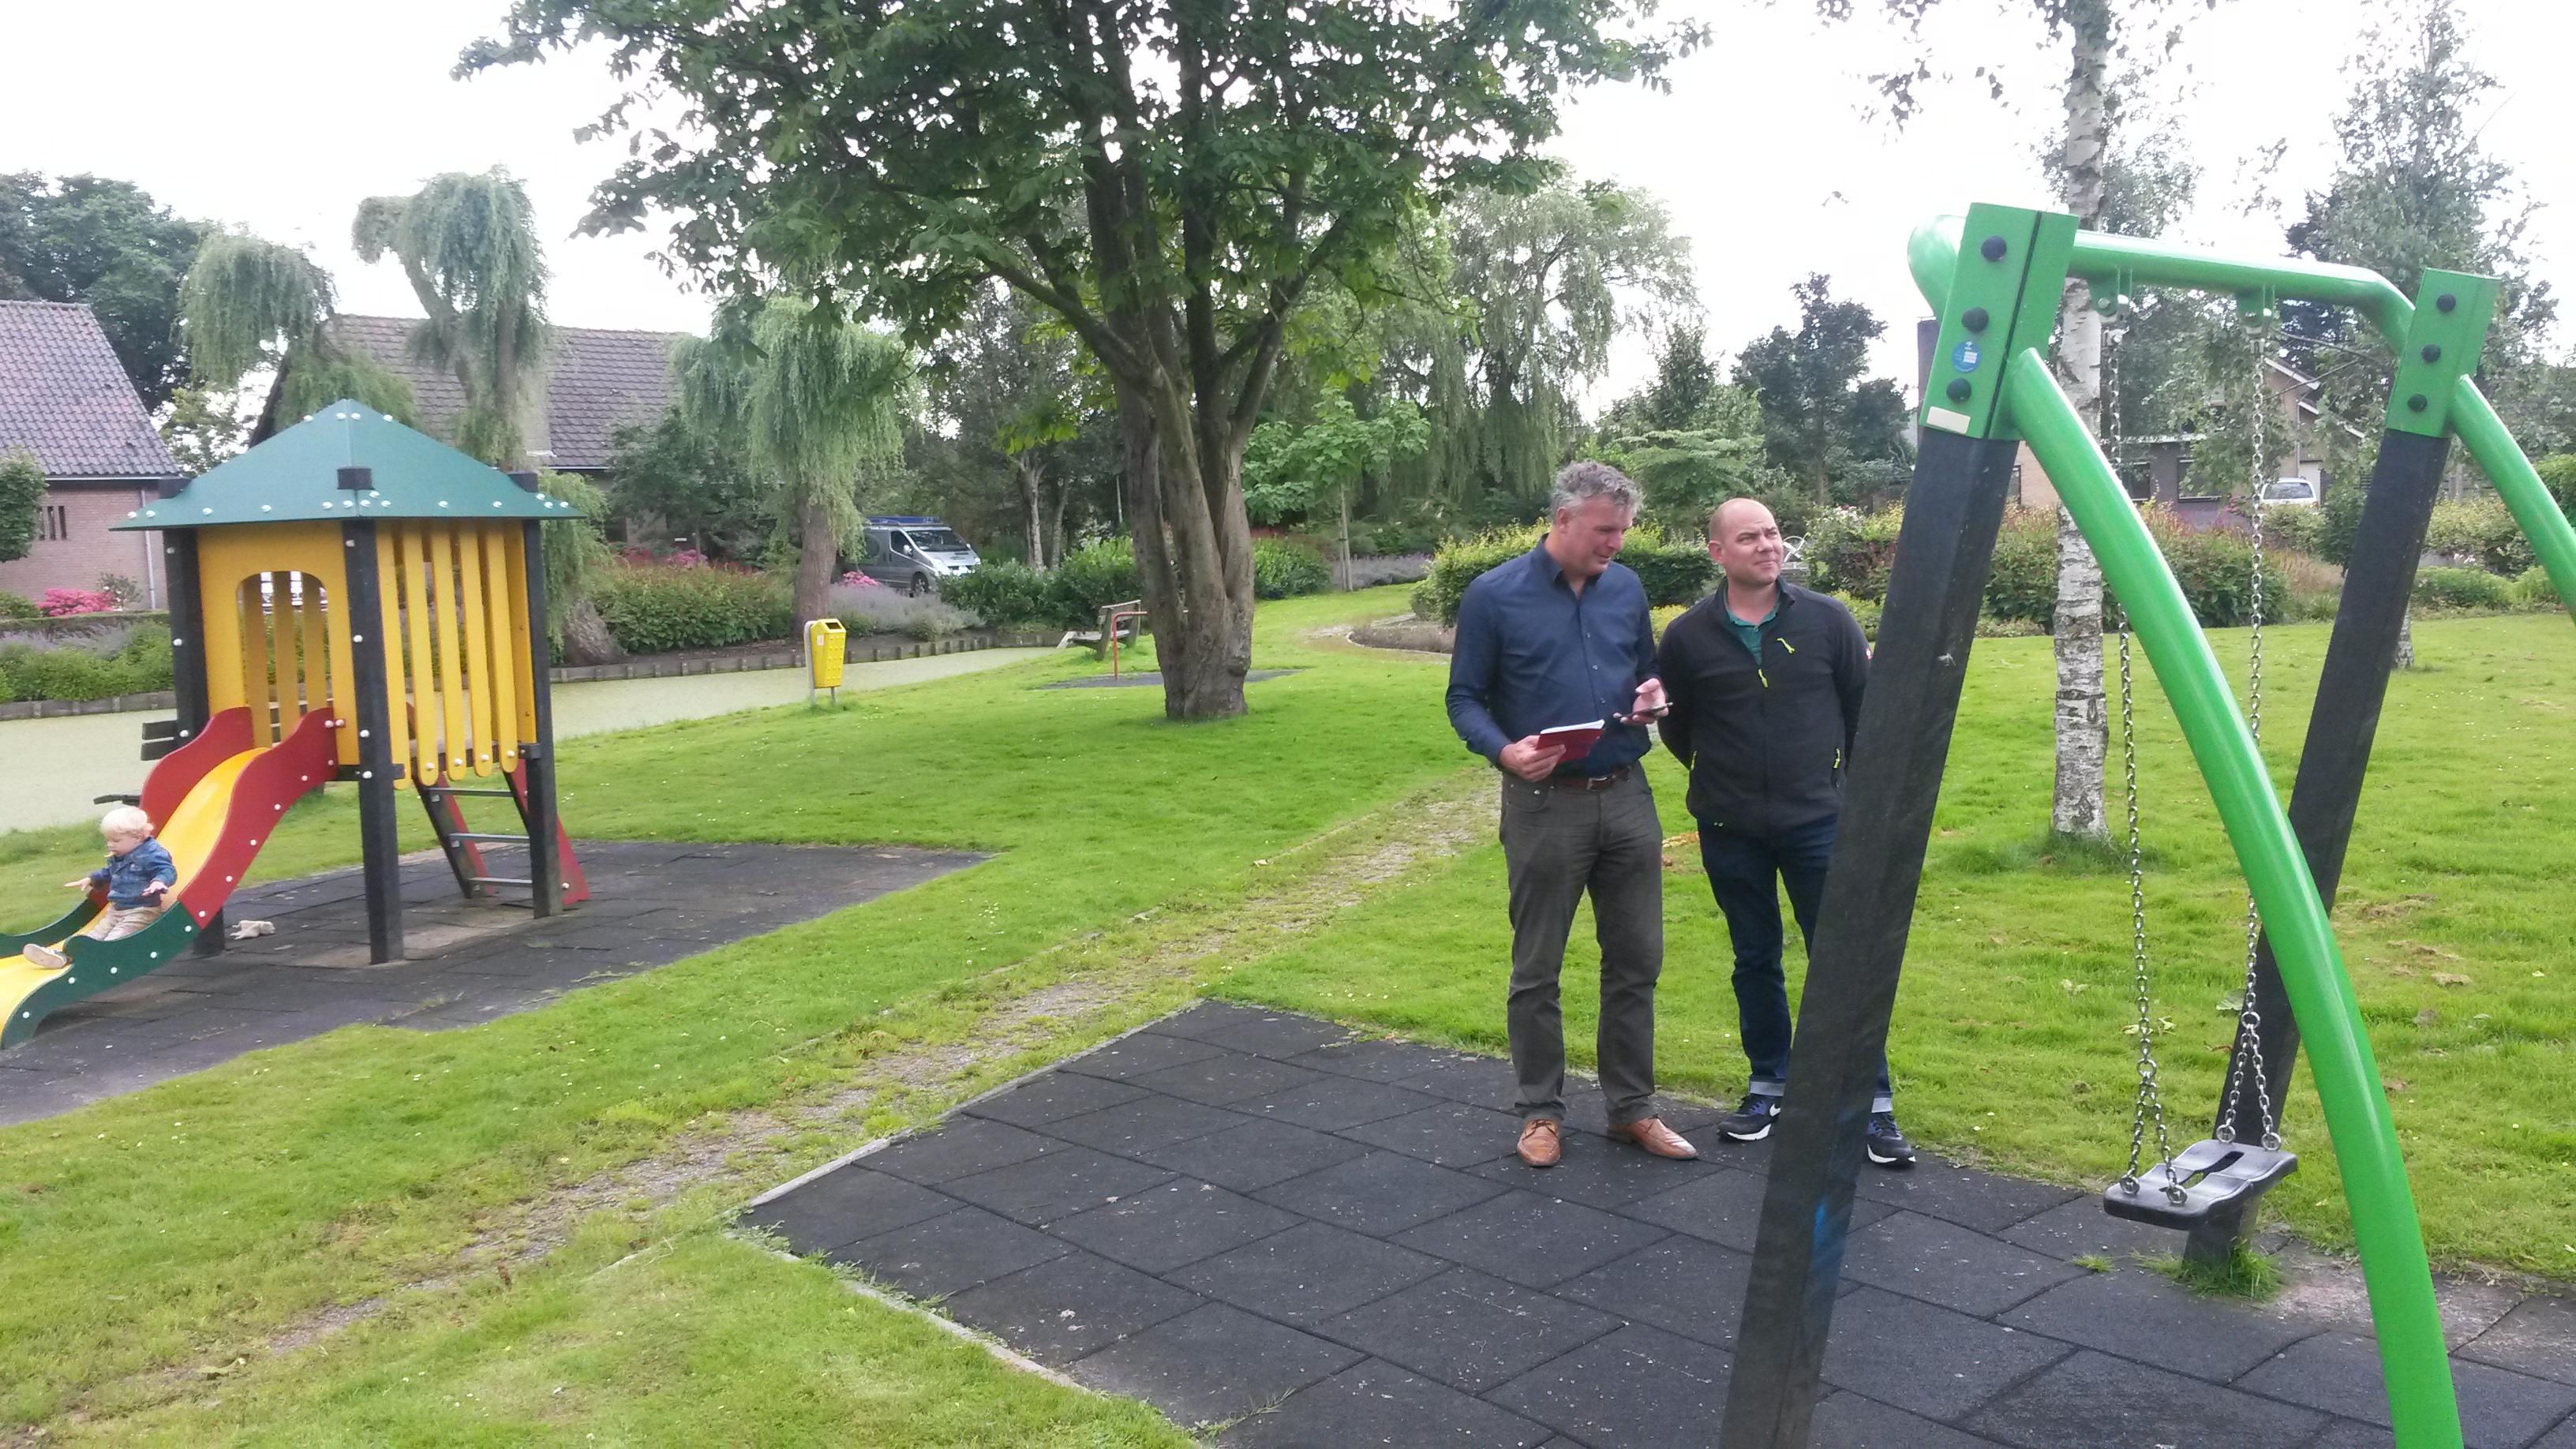 Marco de Goede en Vincent Verbeek op de speelplaats Beelaertspark